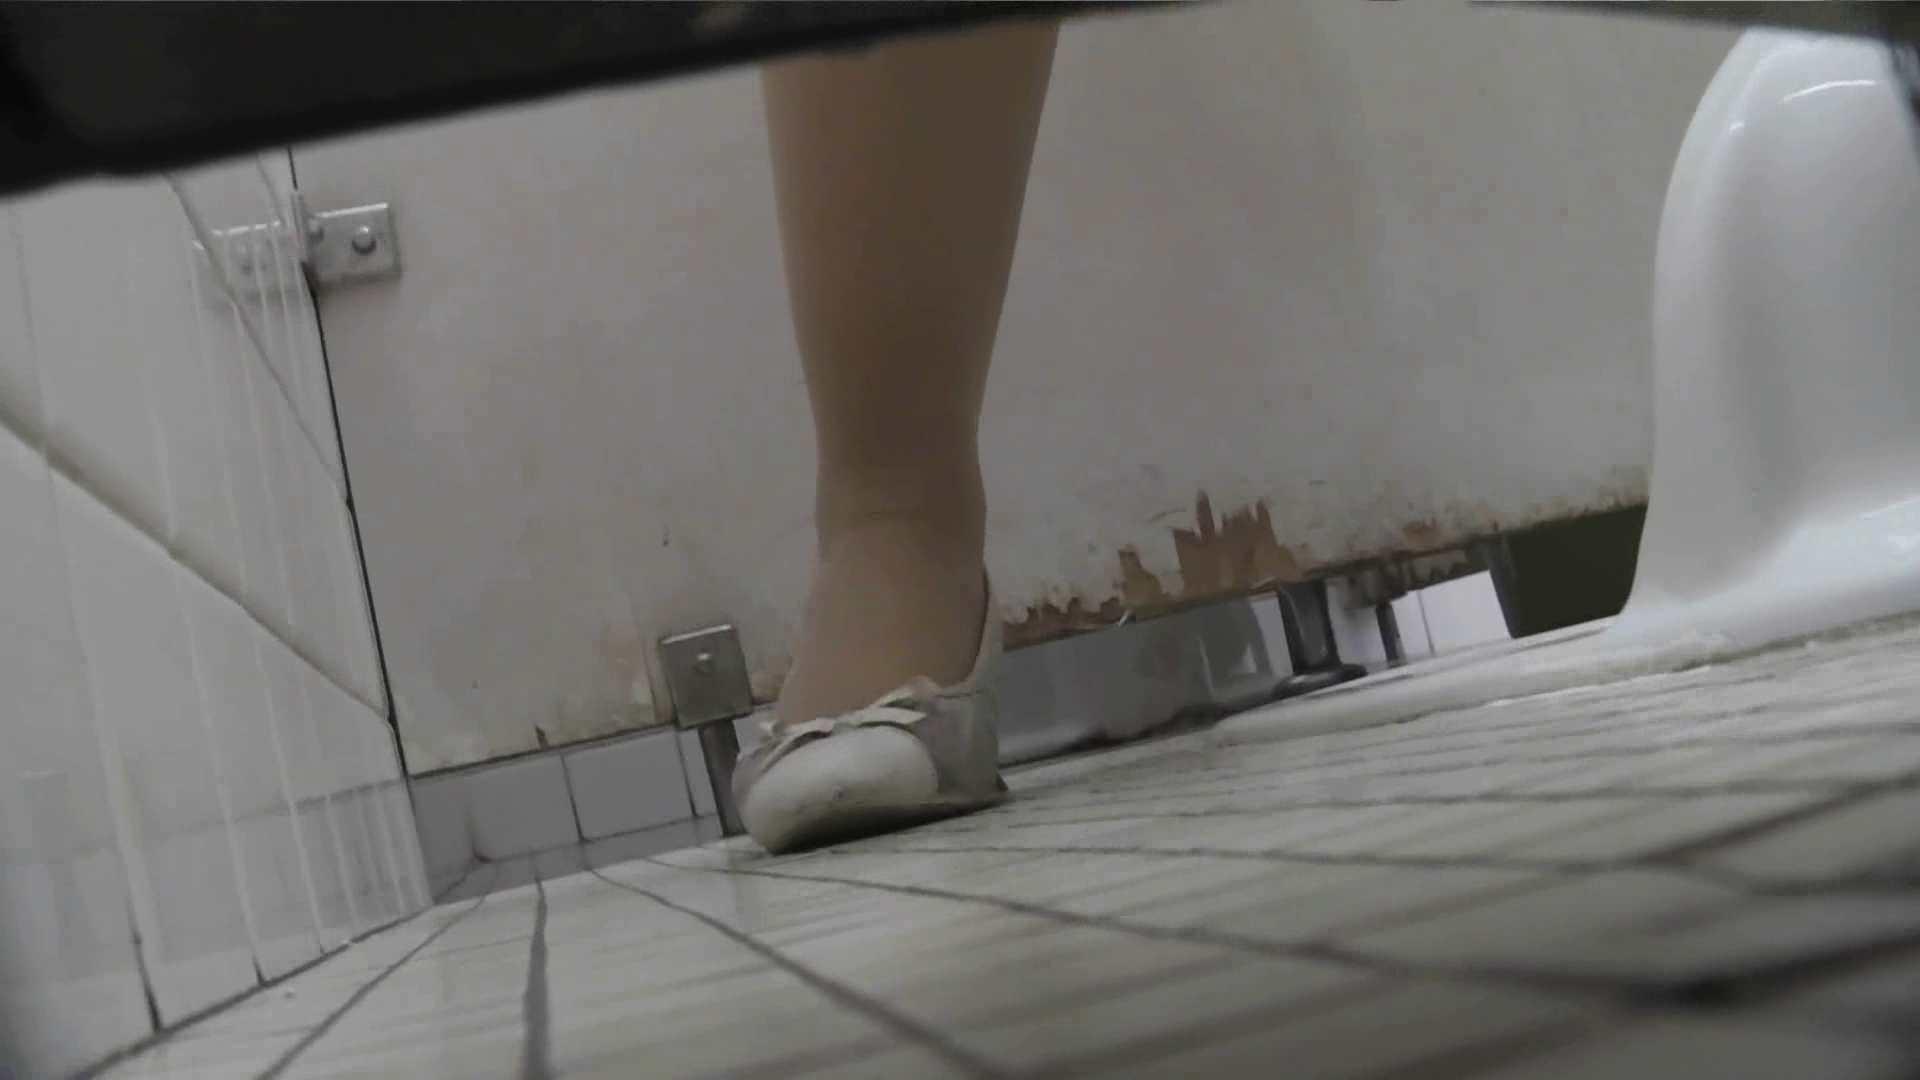 【美しき個室な世界】 vol.018 ピンクのおネエタン OLの実態 | 洗面所  52pic 45